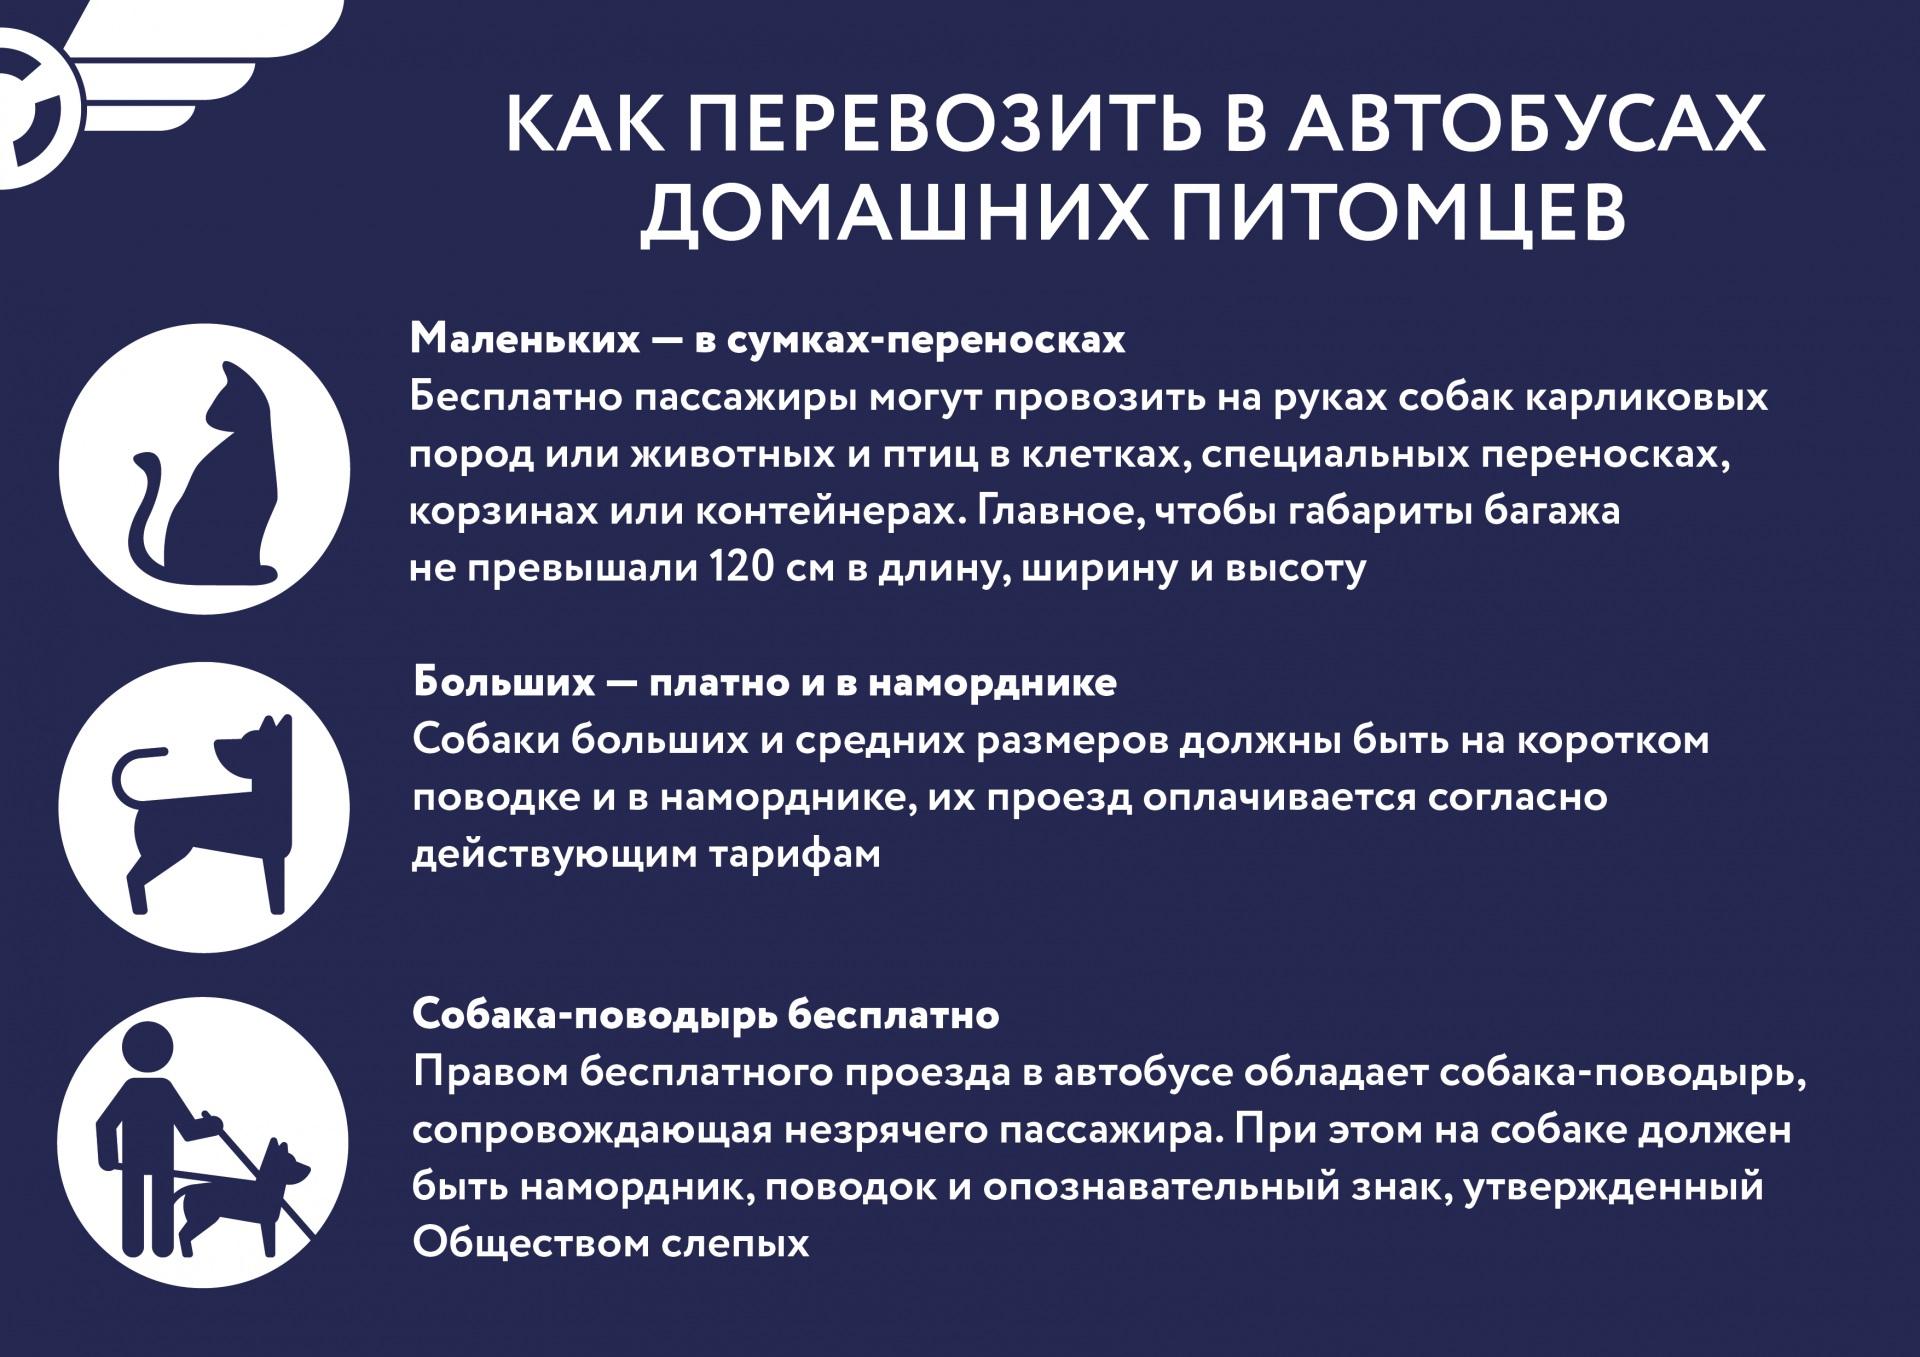 Post-dlya-VK_kak-perevozit-v-avtobusah-domaschnih-pitomzev-01.jpg